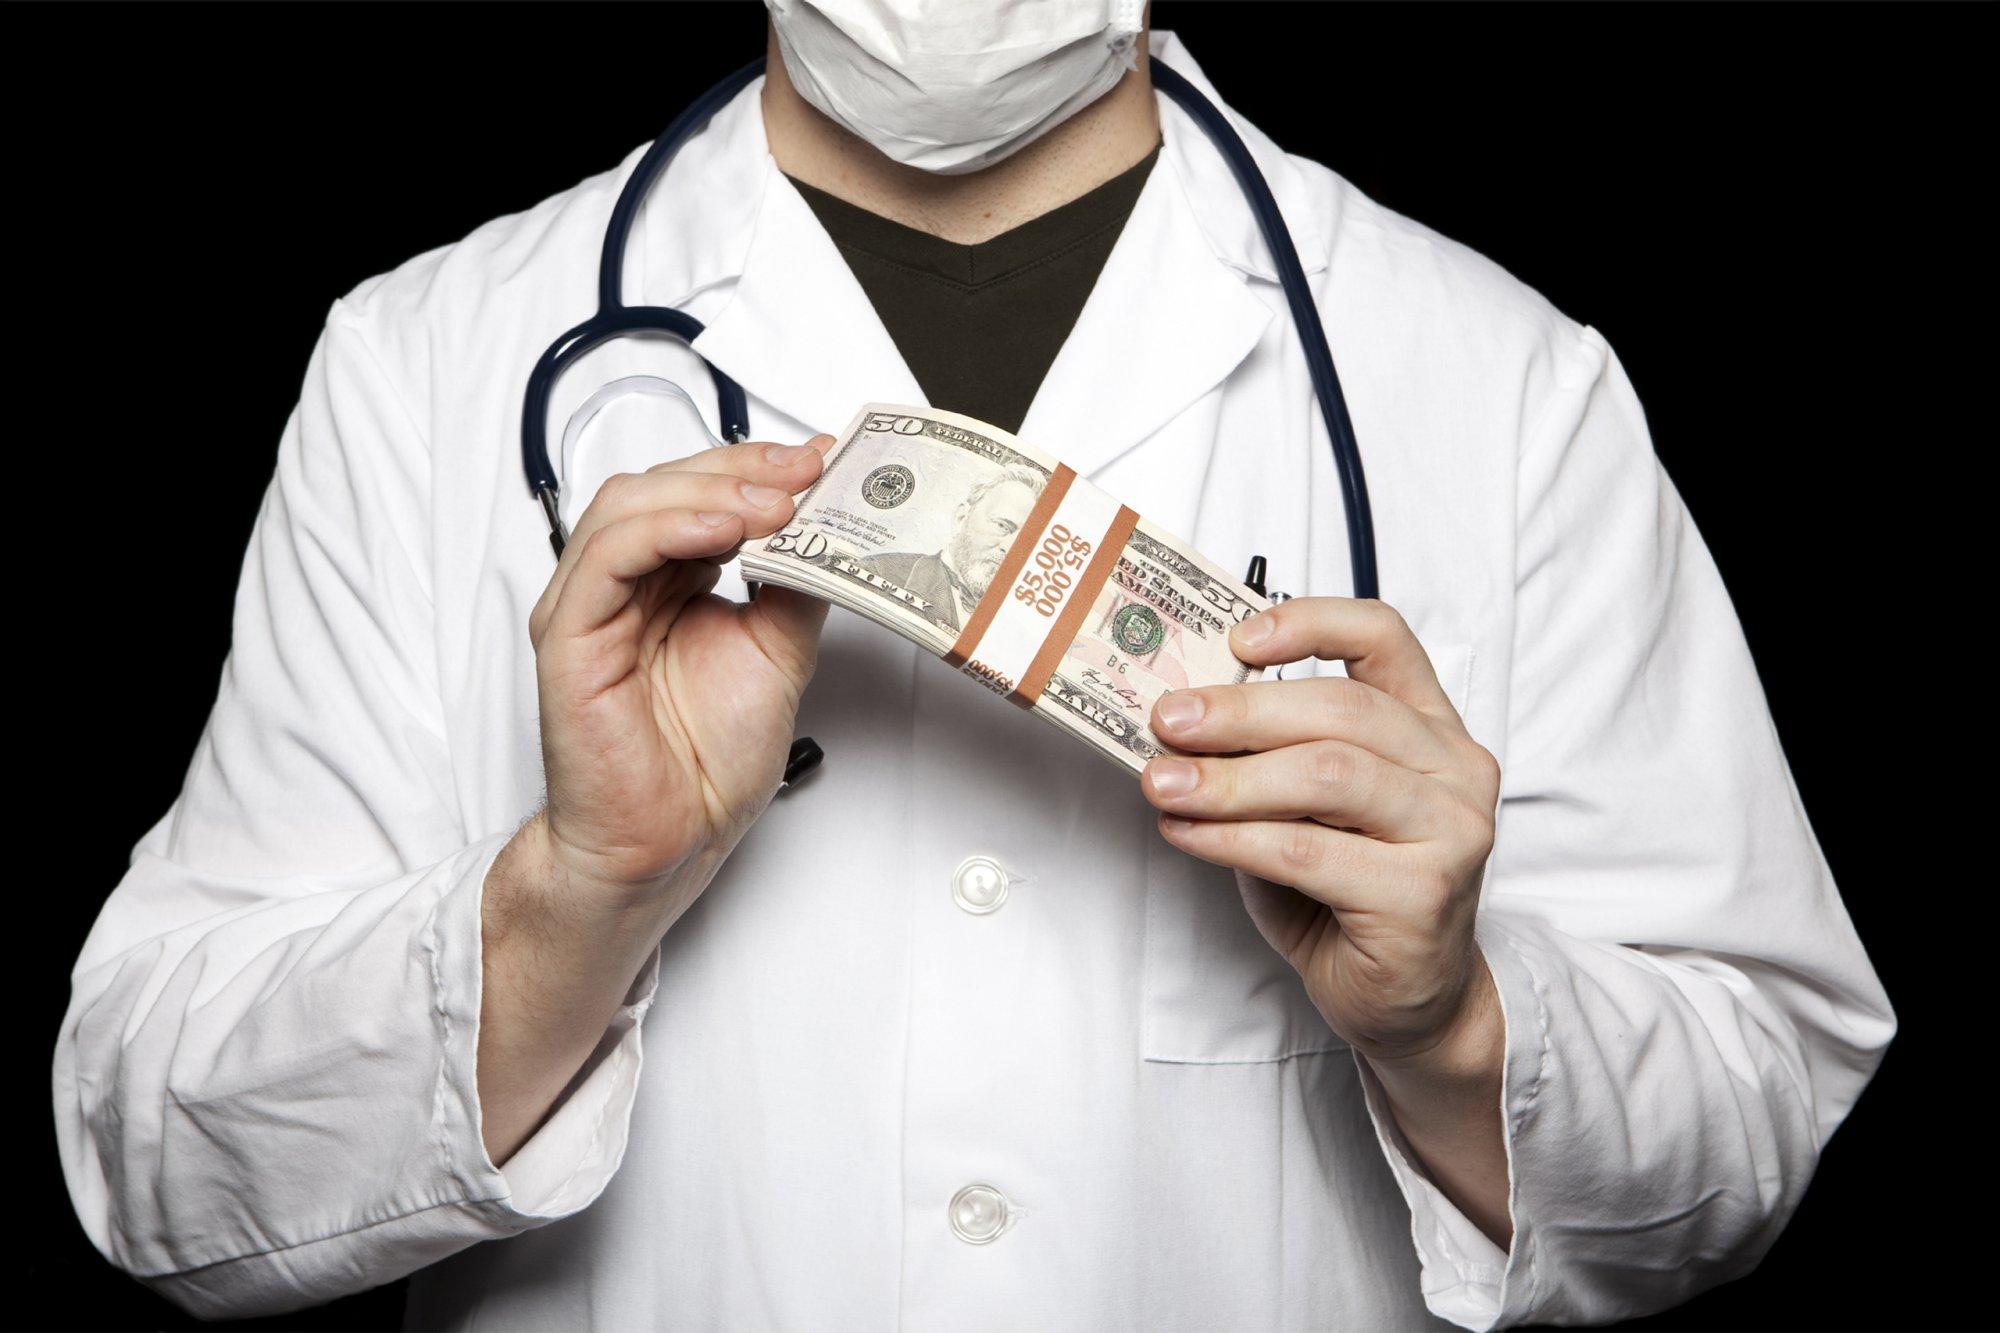 Corrupt Doctors